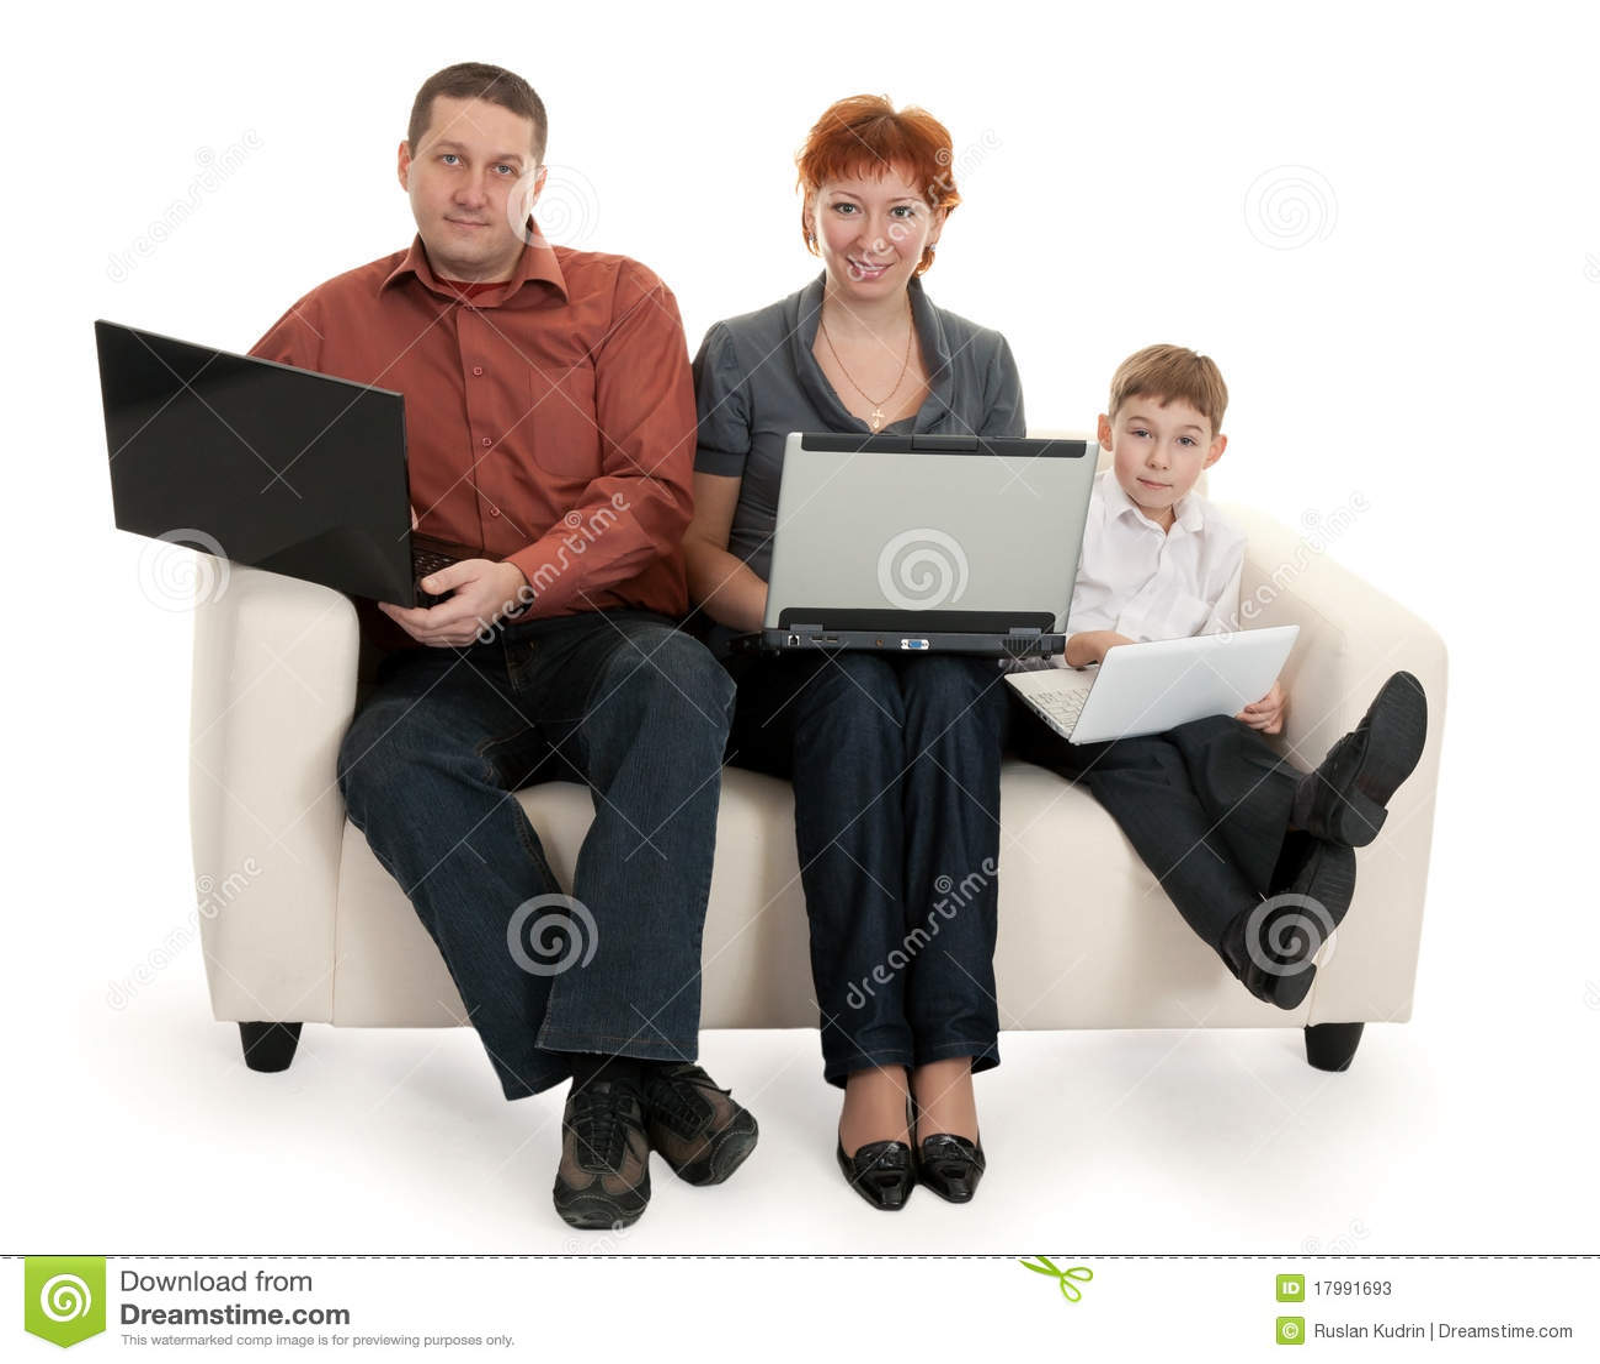 Сайт мама и сын и всё 24 фотография